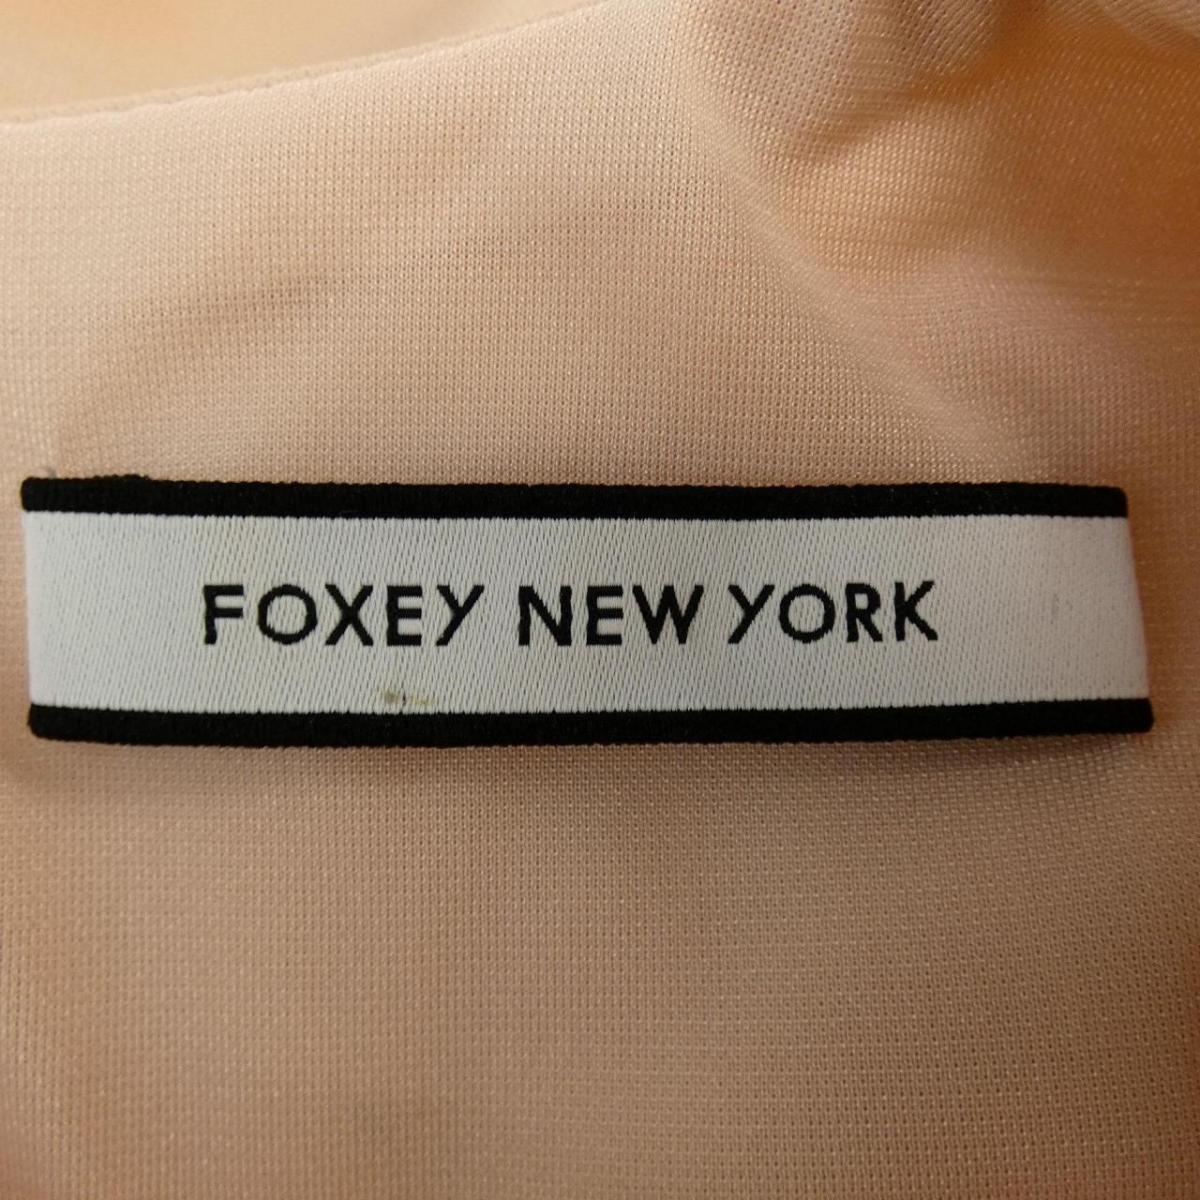 フォクシーニューヨーク FOXEY NEW YORK ワンピースv8nymON0w